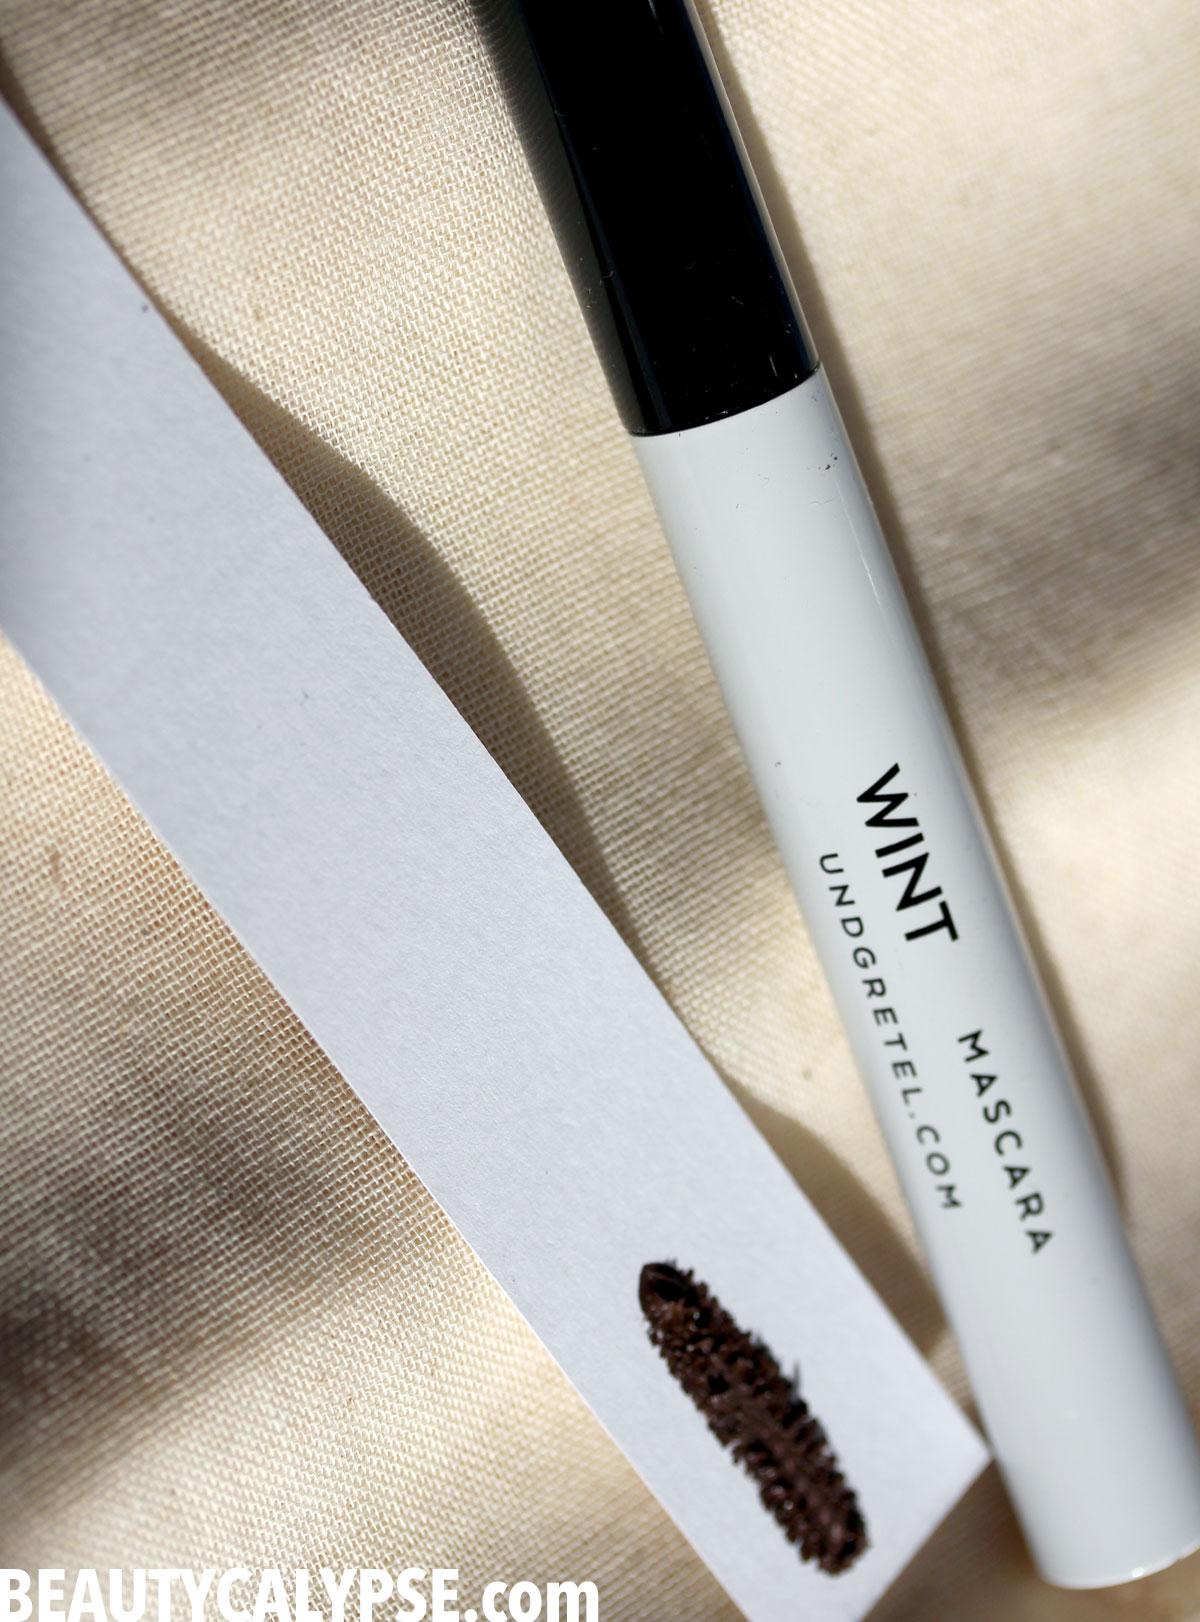 und-gretel-swatch-WINT-mascara-1-chestnut